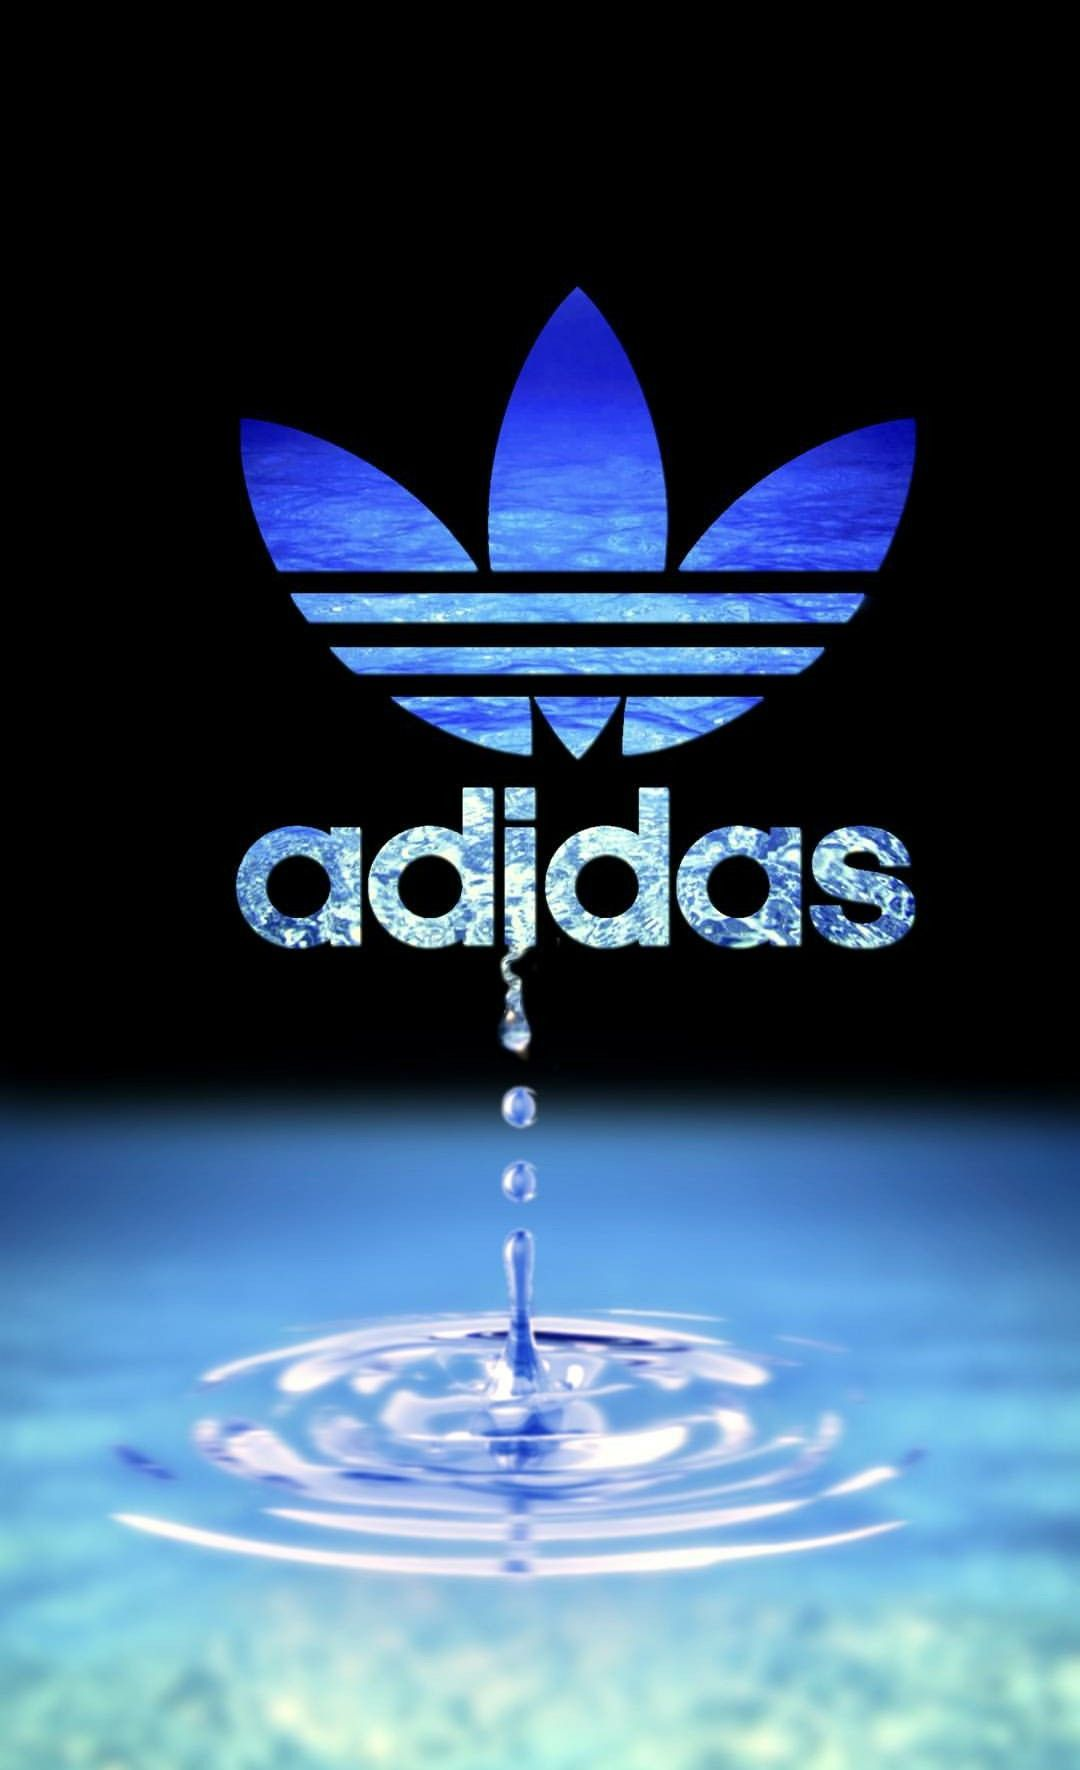 Ficticio Equipo de juegos Edición  Adidas Water drop | Adidas iphone wallpaper, Adidas wallpapers, Adidas logo  wallpapers